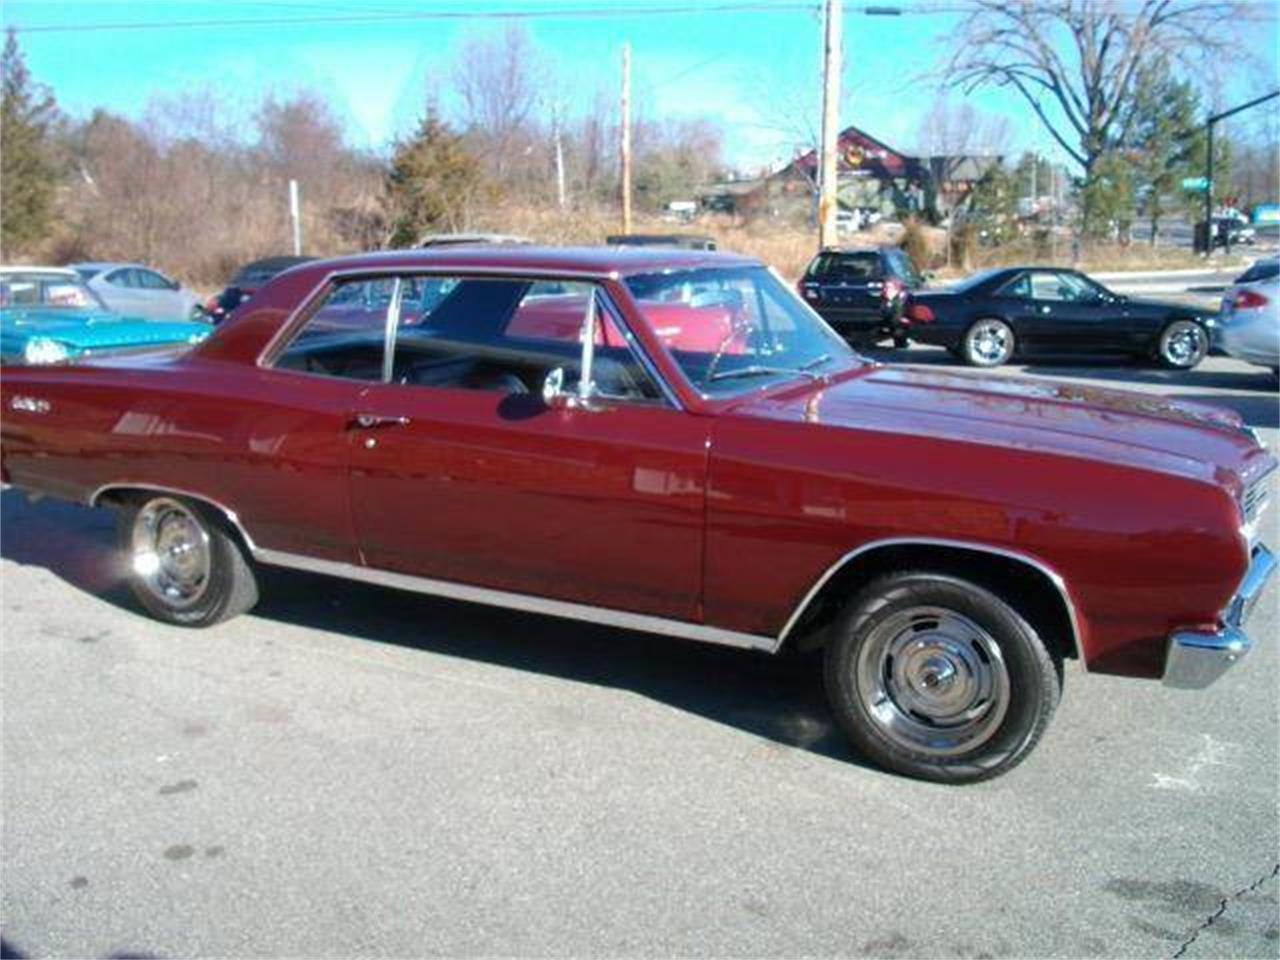 For Sale: 1965 Chevrolet Chevelle SS in Westford, Massachusetts